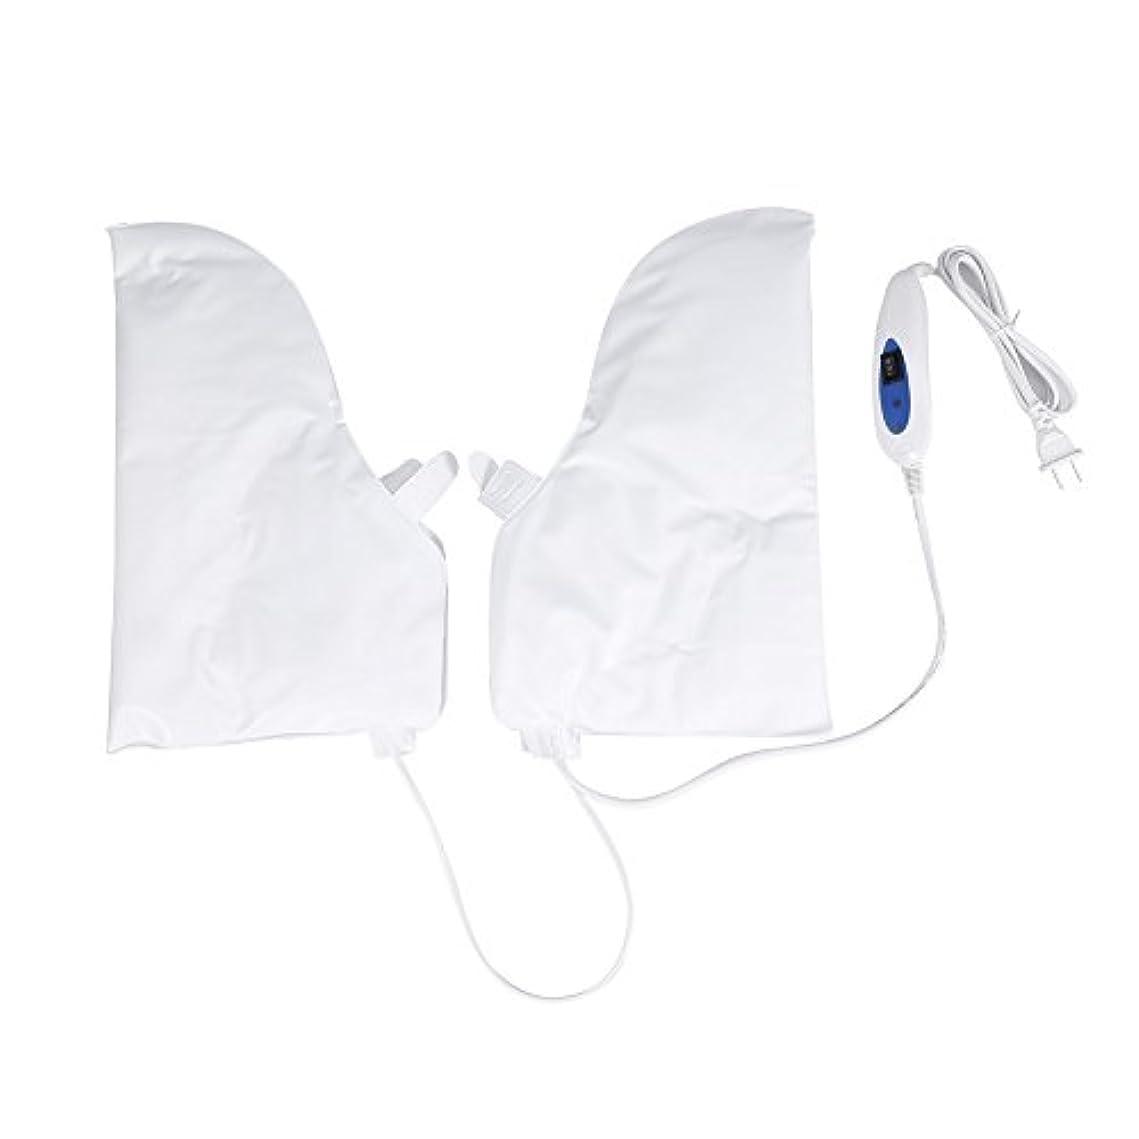 緩やかなポンペイ衝撃蒸し手袋 ハンドマスク 保湿グローブ 電熱手袋 ヒートグローブ 加熱式 電熱 手ケア ハンドケア 2つ加熱モード 乾燥対策 手荒れ対策 補水 保湿 美白 しっとり 美容 手袋